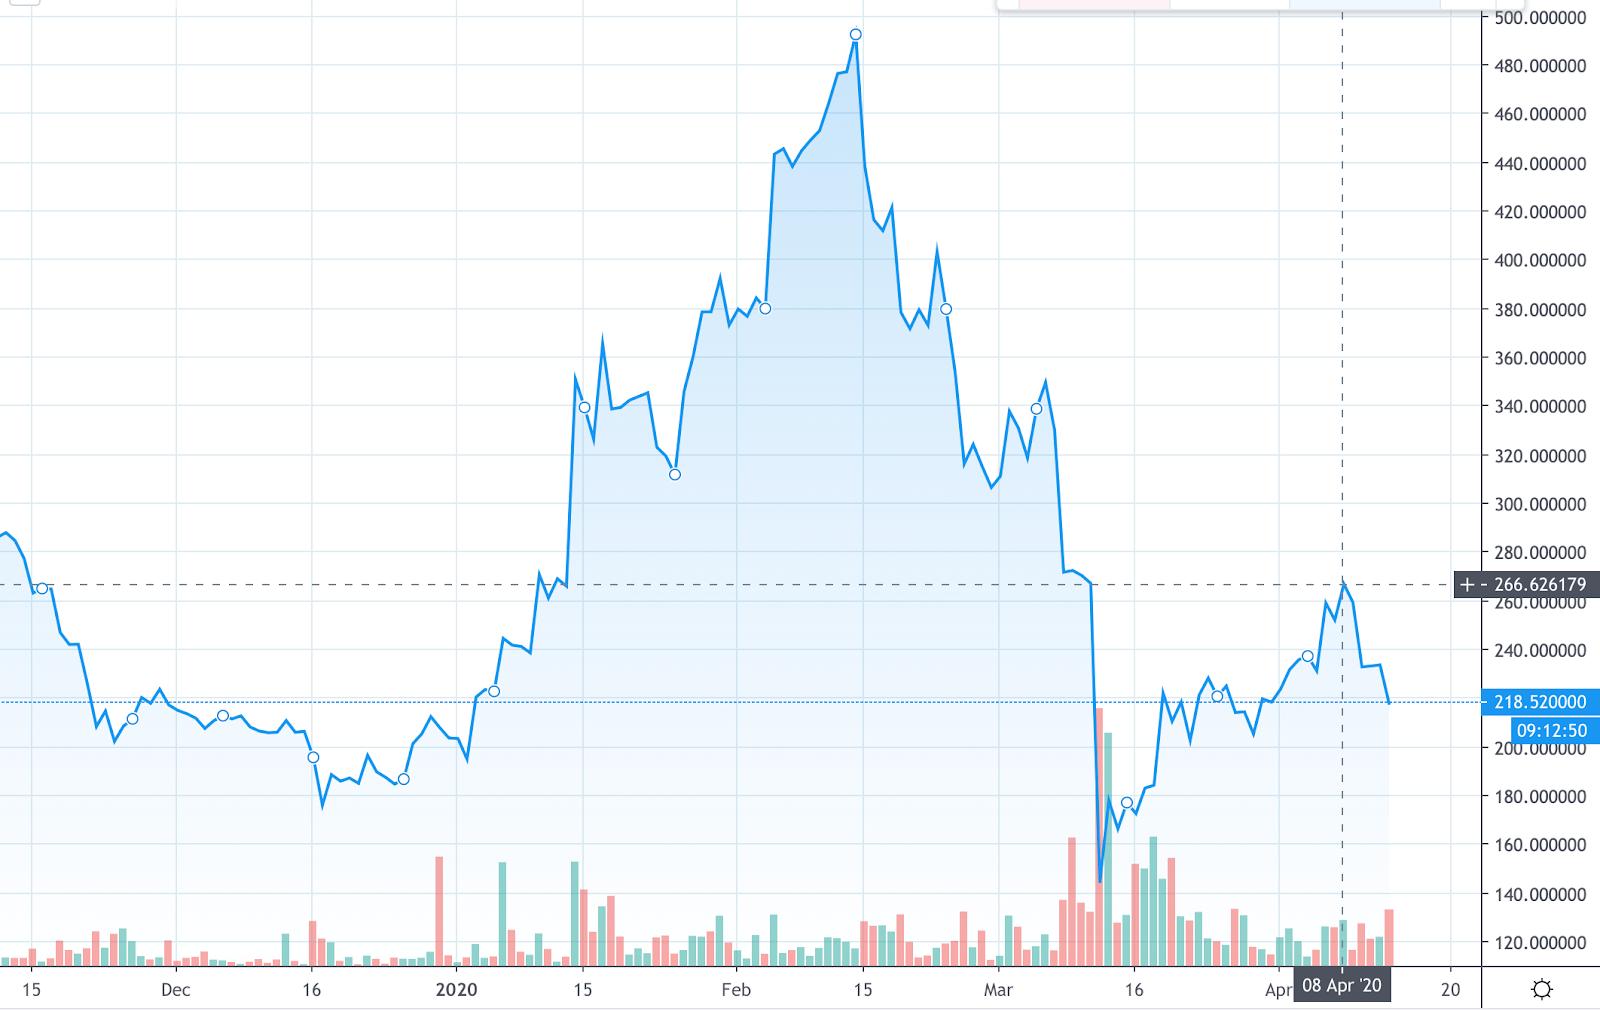 évolution du prix d'un bch en dollars suite au halving